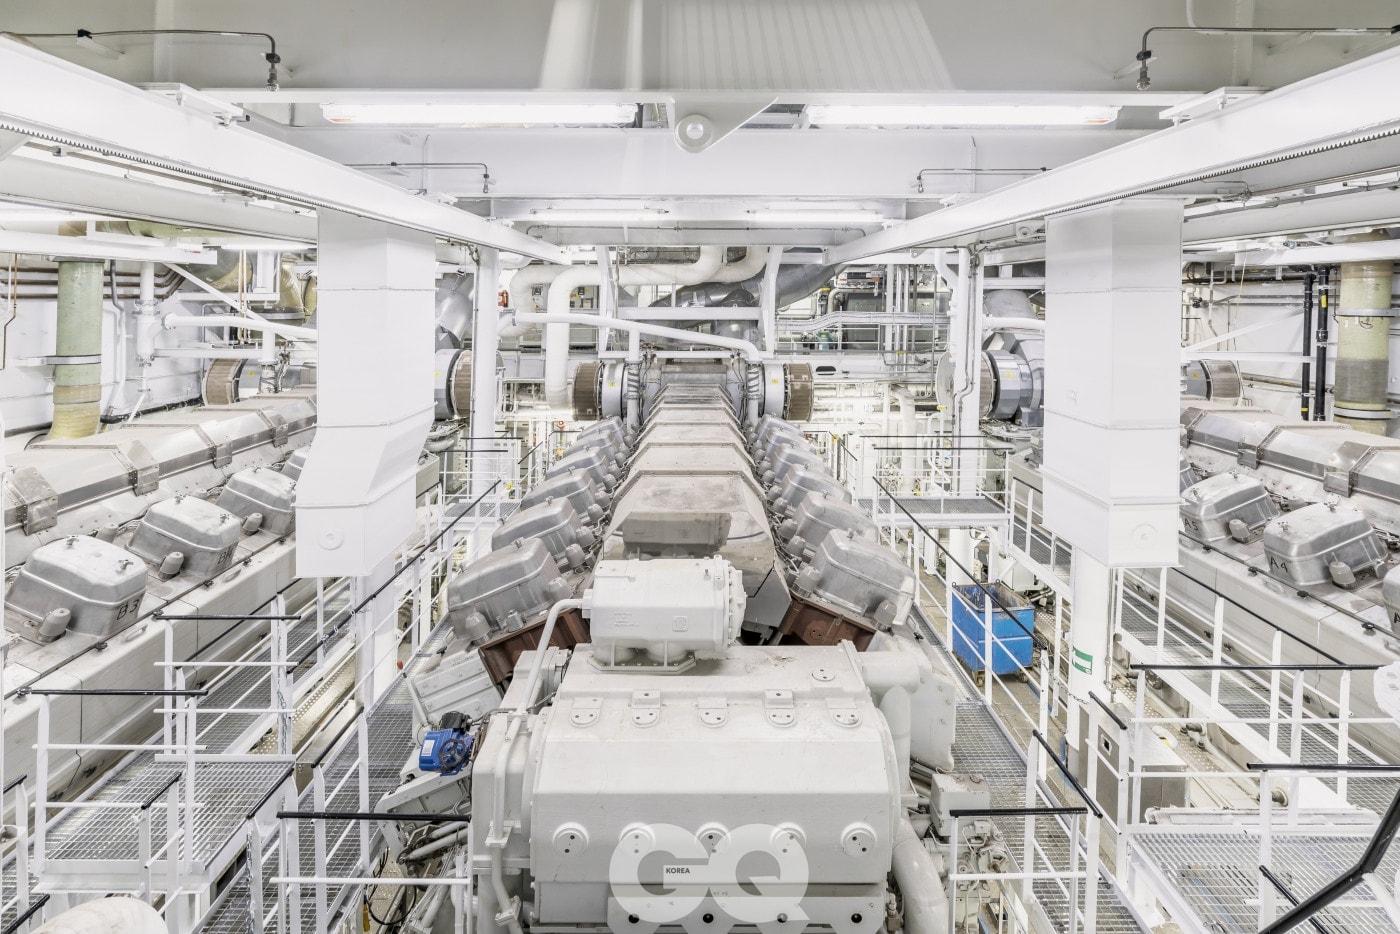 14,400킬로와트 디젤 엔진 4개와 19,200 킬로와트 디젤 엔진 2개로 배가 움직인다.